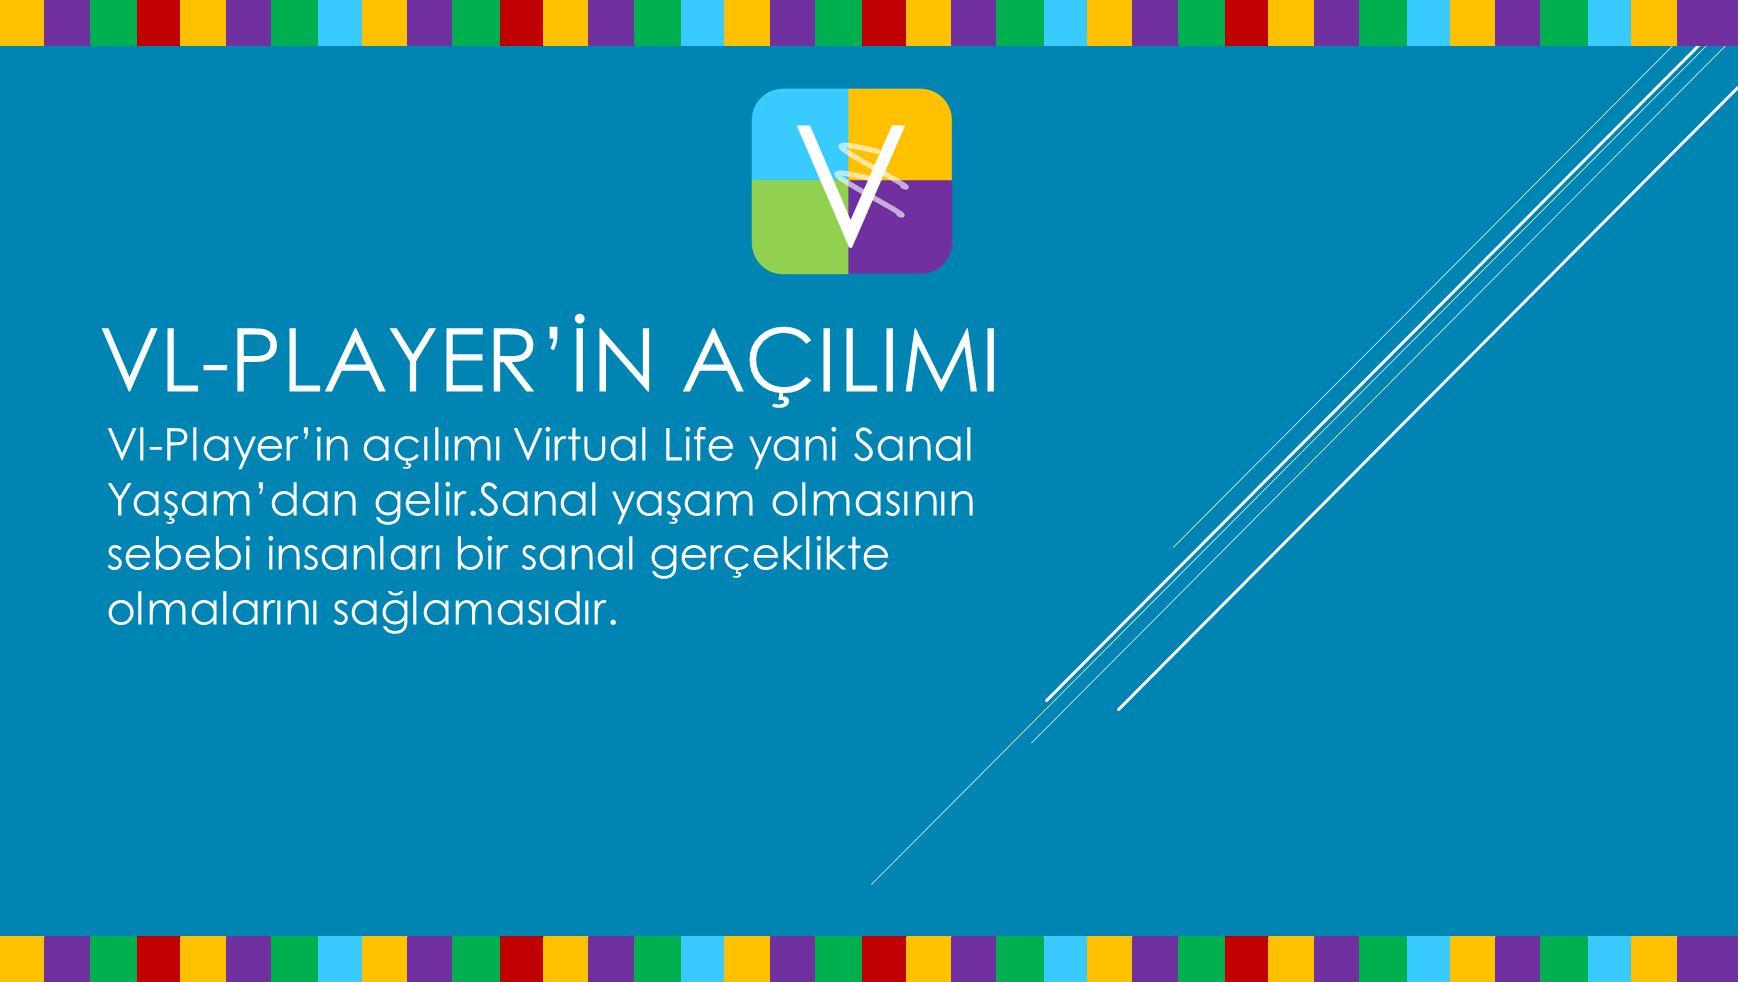 VL-PLAYER'İN AÇILIMI Vl-Player'in açılımı Virtual Life yani Sanal Yaşam'dan gelir.Sanal yaşam olmasının sebebi insanları bir sanal gerçeklikte olmalar